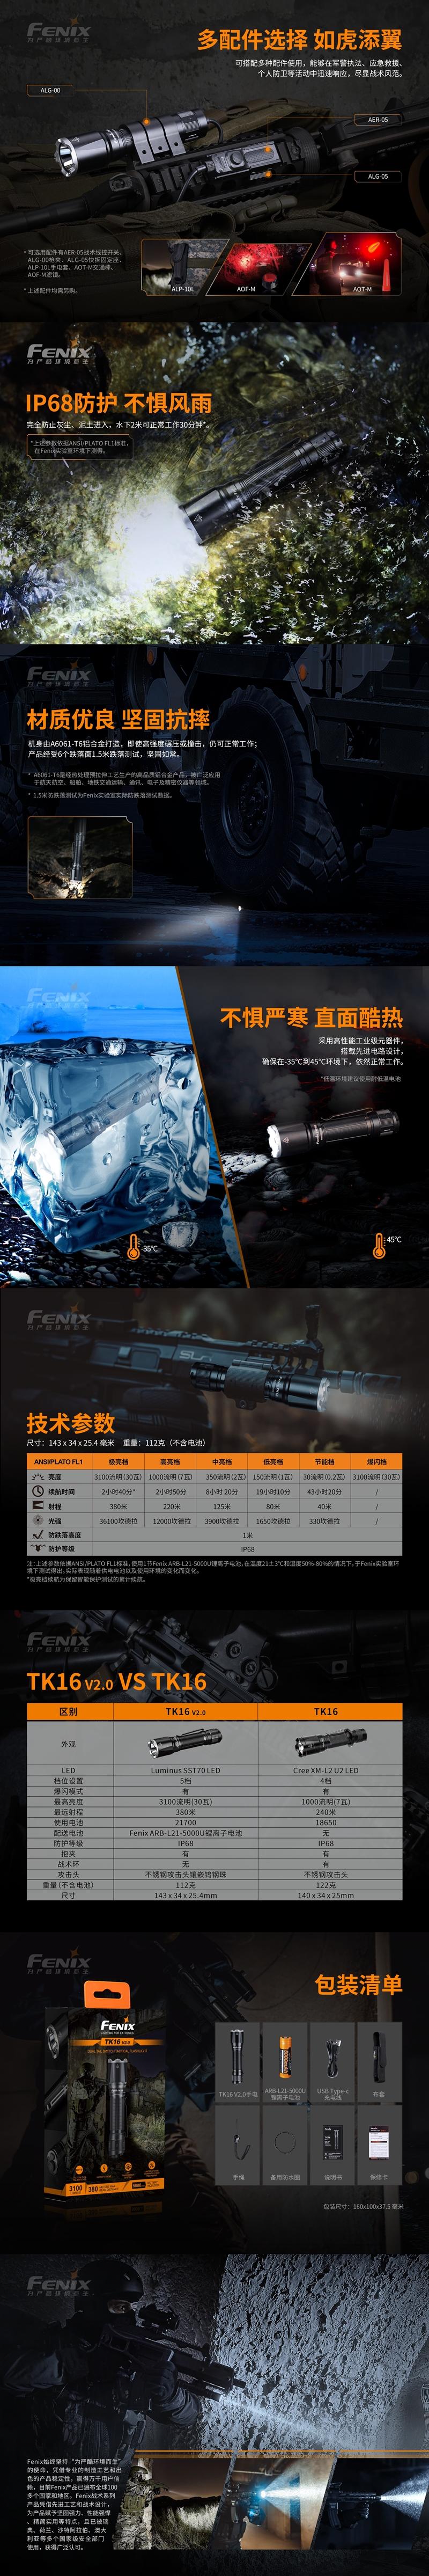 2 戰術雙尾按手電筒 FENIX TK16 V2.0 3100流明  標配21700電池 (1)